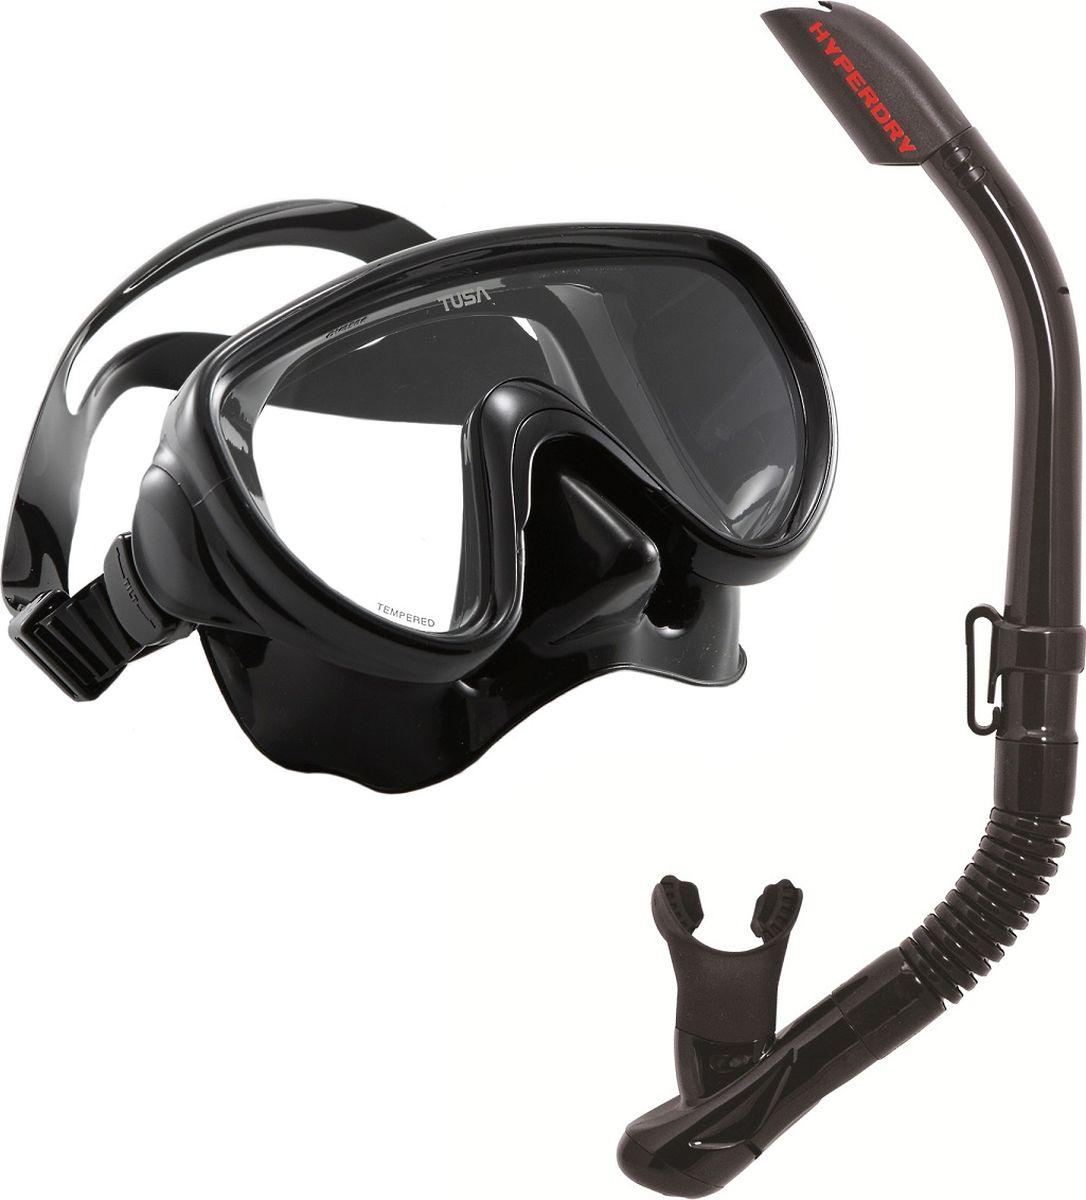 Набор для плавания Tusa Sport, цвет: черный. UCR-1619BK/BK3B327Комплект UCR-1619 состоит из маски UMR-16 и трубки с нижним клапаном USP-190.Маска UMR-16 – однолинзовая компактная маска с широким обзором. Силиконовый обтюратор со скругленными краями мягко повторяет контуры лица. После плавания с такой маской почти не остается следов на лице. Трехмерный ремешок применяемый для фиксации маски на голове, точно повторяет затылочный изгиб и надежно удерживает маску на голове. Быструю регулировку обеспечивают 5-ти позиционные пряжки. Они позволяют отрегулировать натяжение и угол наклона ремешка для наилучшей посадки маски на лице. Линза маски выполнена из закаленного стекла. Обтюратор полностью выполнен из 100% медицинского силикона. Трубка USP-190 – оснащена системой Hyperdry от забрызгивания. И большой дренажной камерой с клапаном для легкого удаления воды после погружения. Удобный загубник снимает нагрузку с челюстных мышц. Гибкий сегмент позволяет использовать трубку для дайвинга.